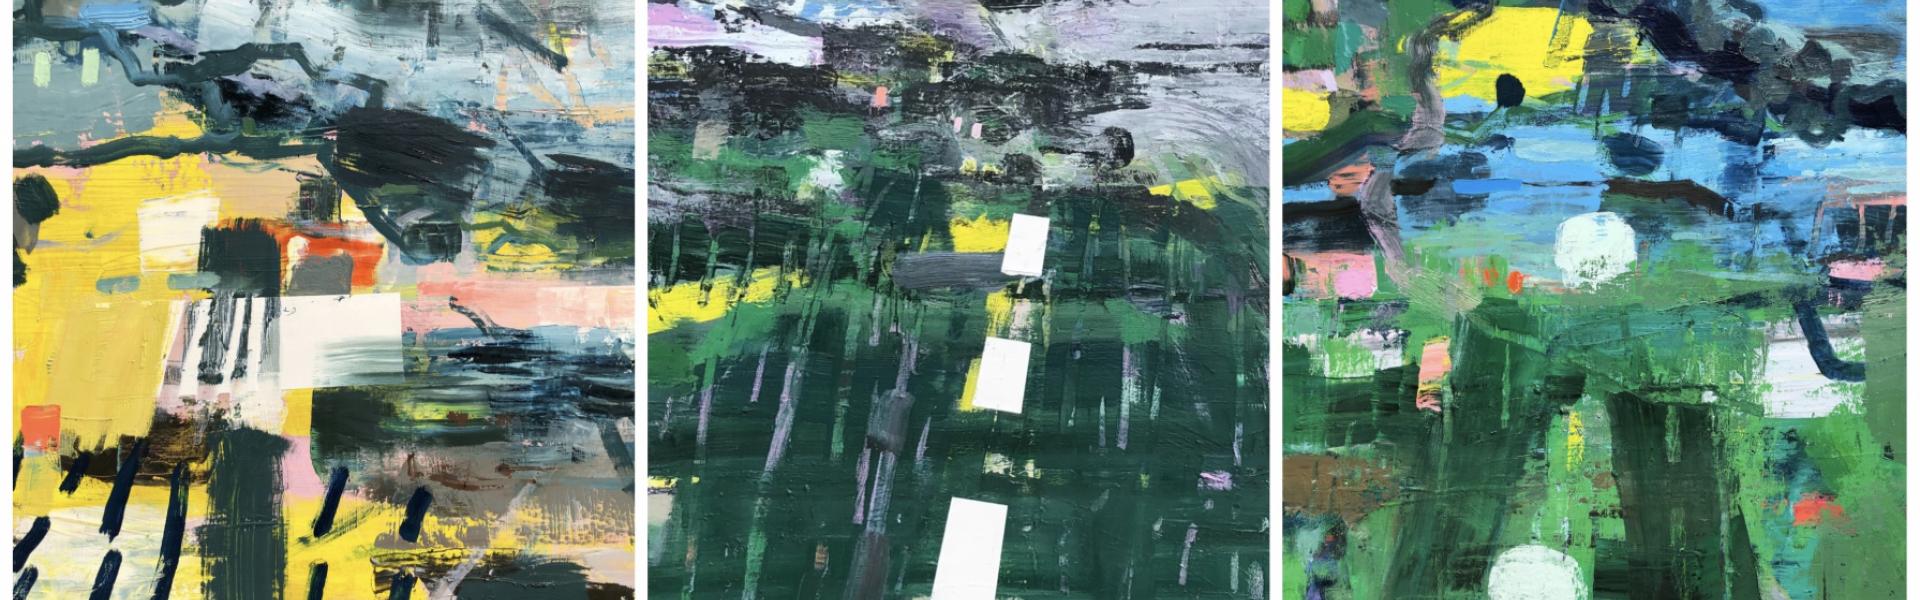 banner_EWA-STRYJNIK-BANNER-TOAF-2021.20210519000451.jpg